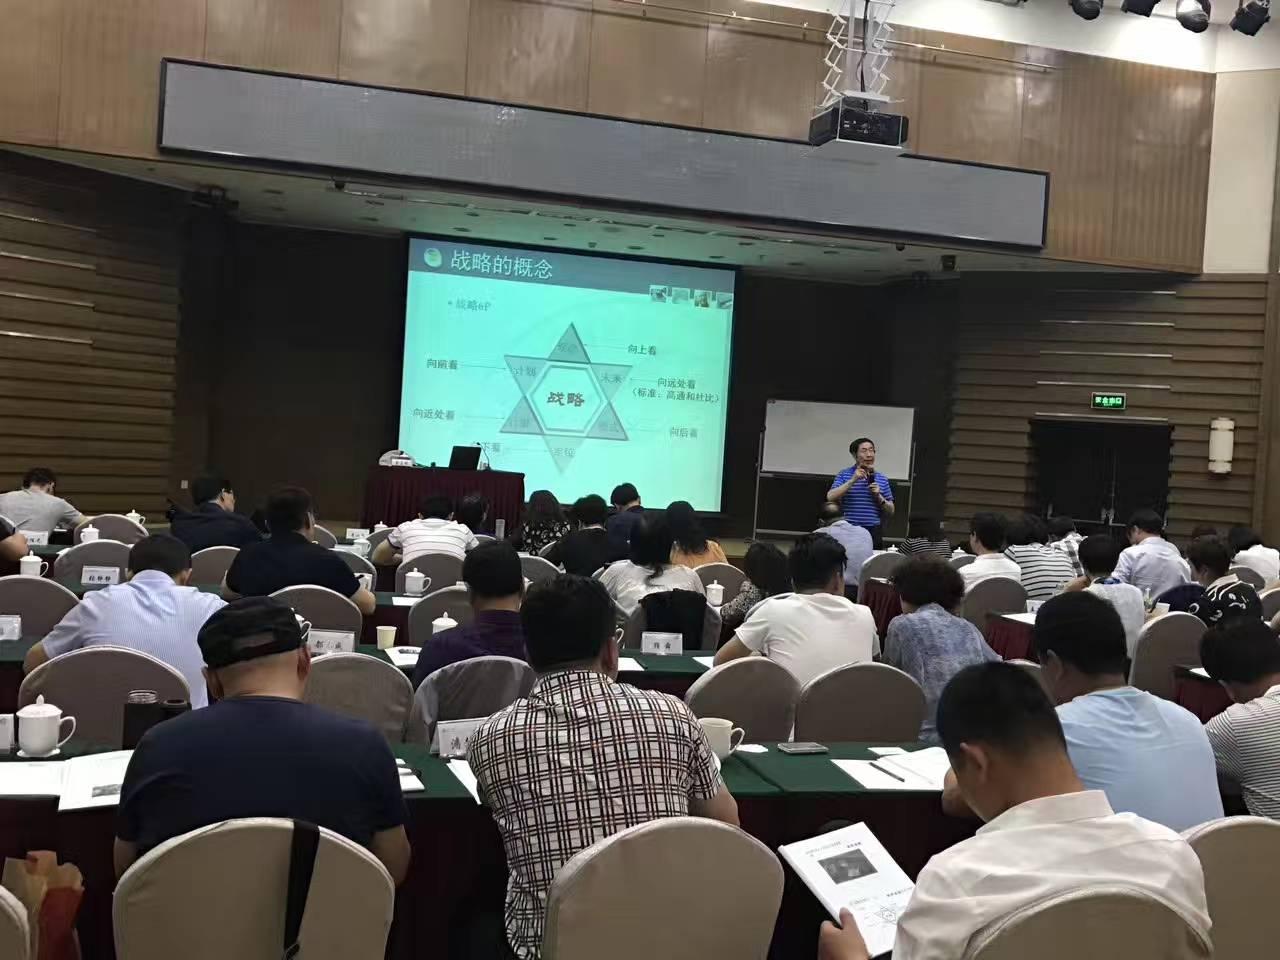 清大工商EMBA班-2017年5月课堂照片